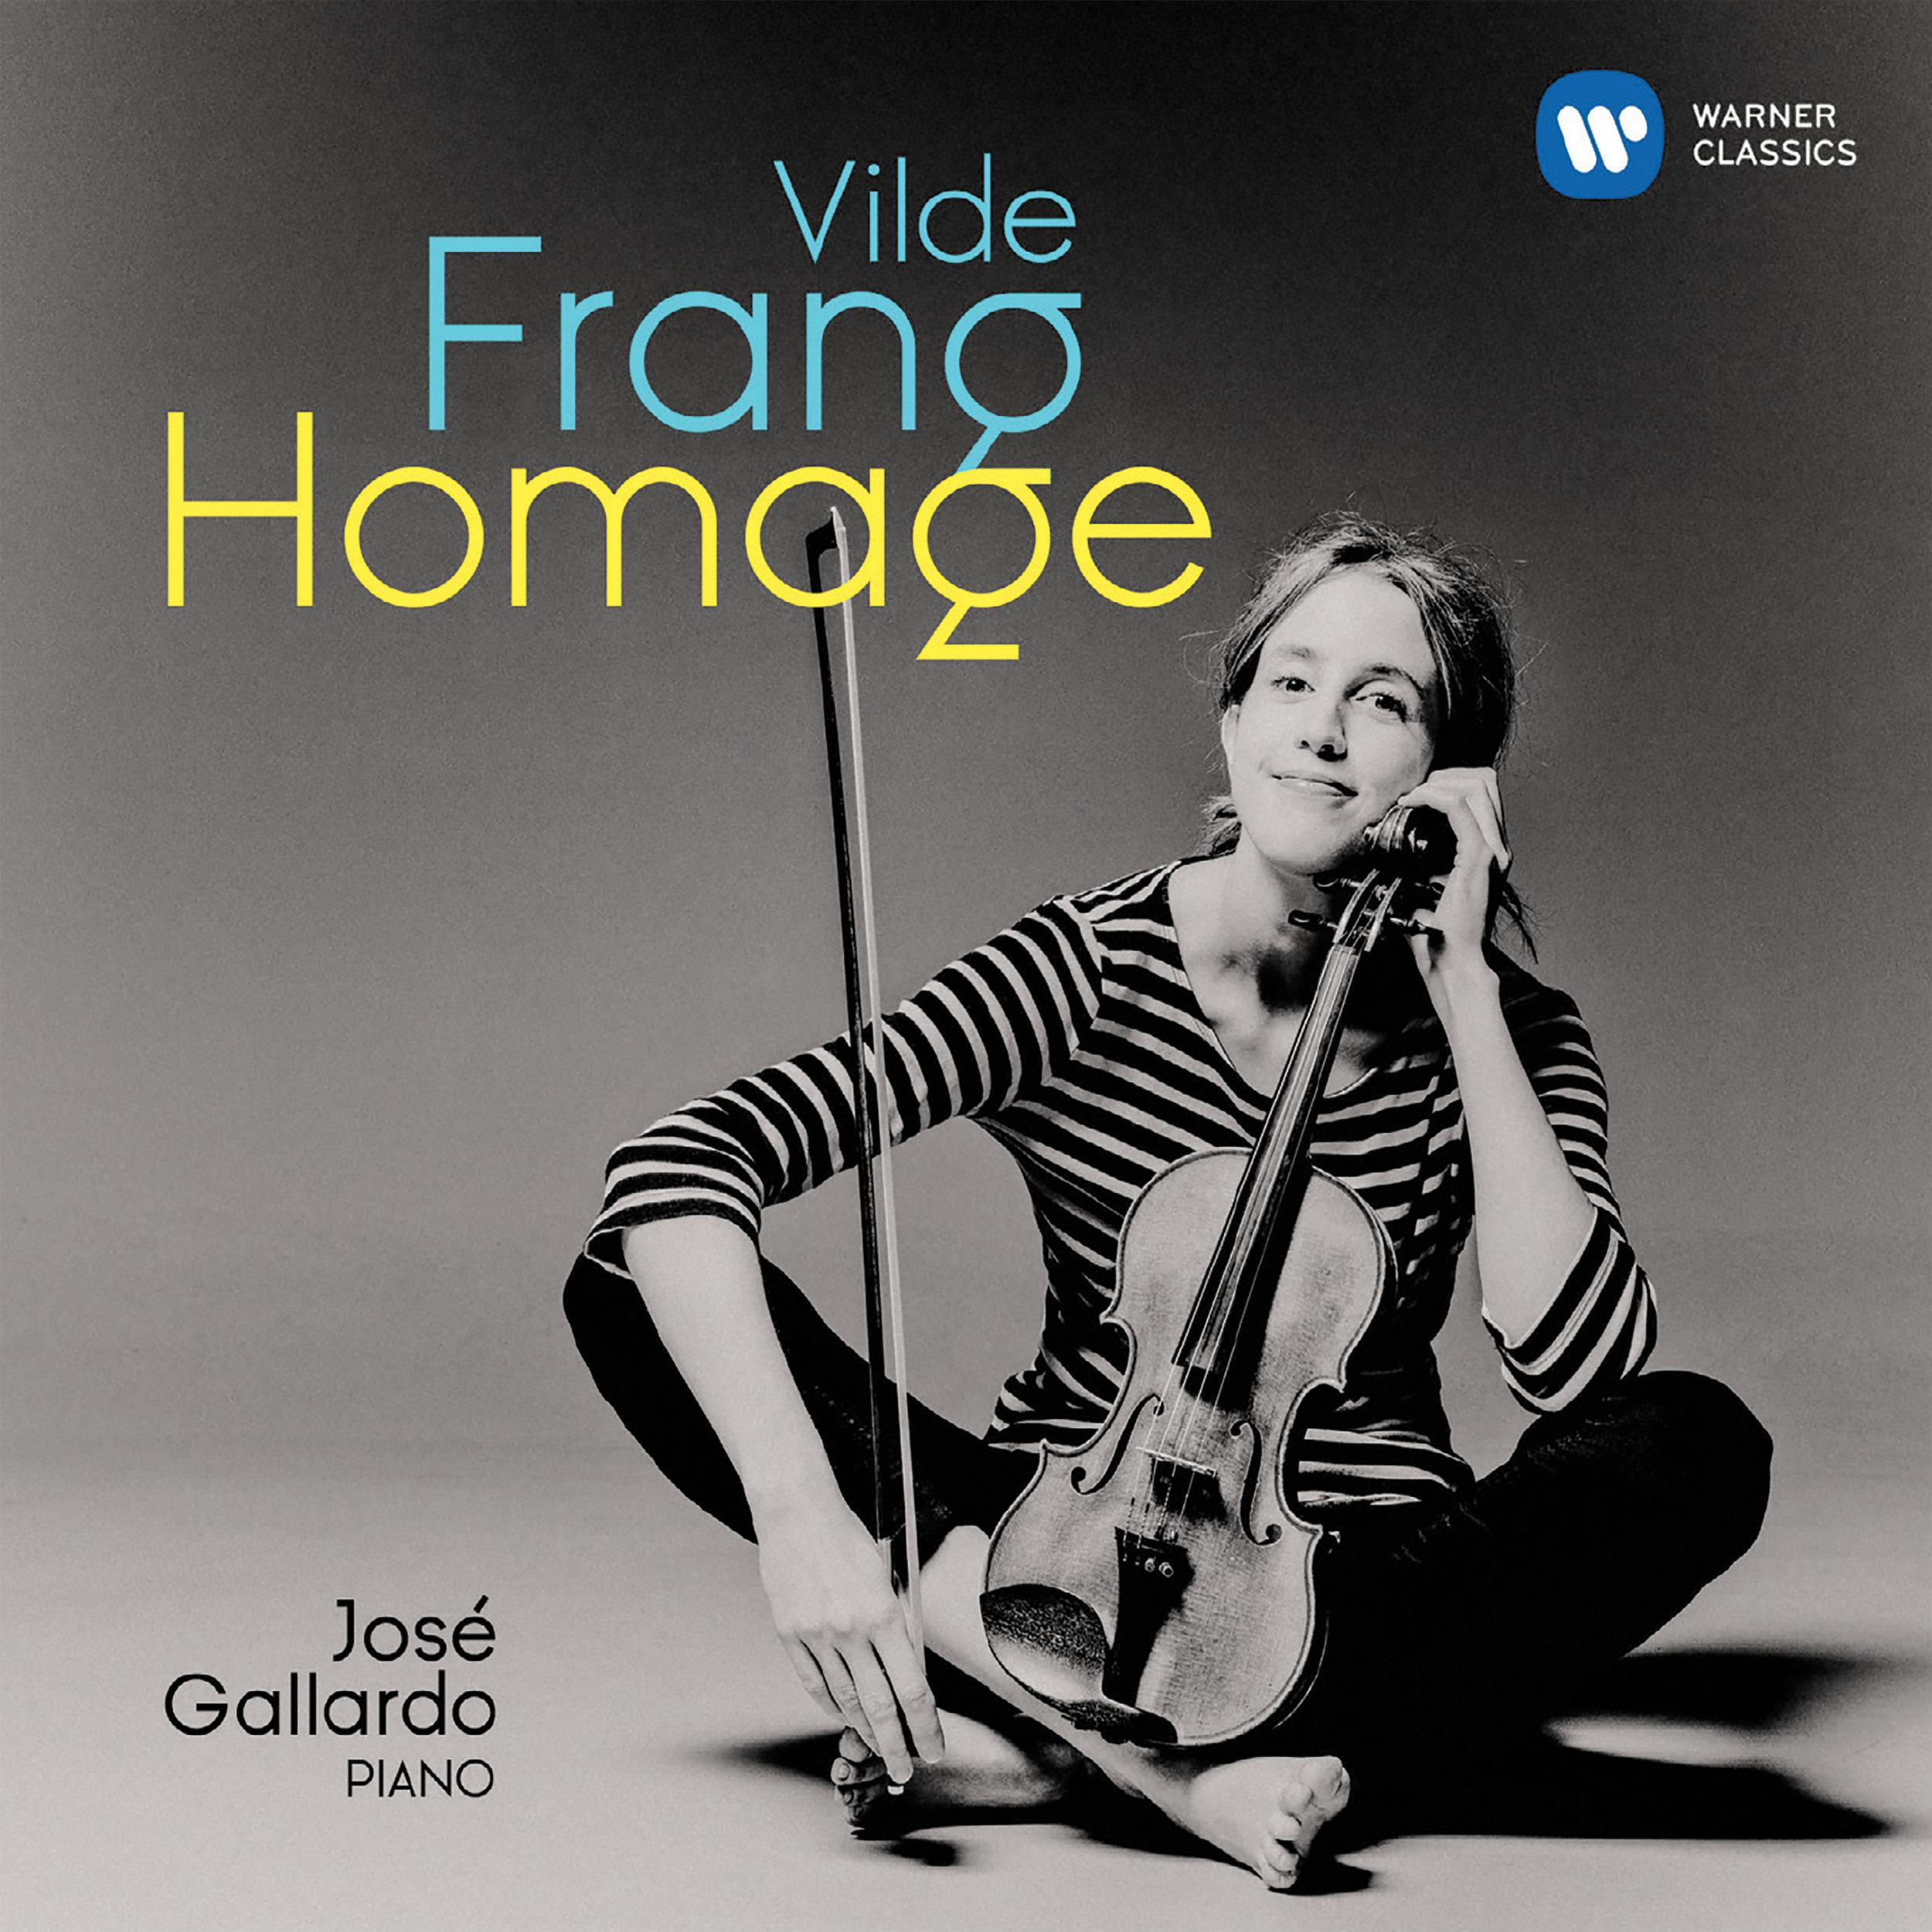 0190295805326_Vilde Frang_Homage_cover.jpg